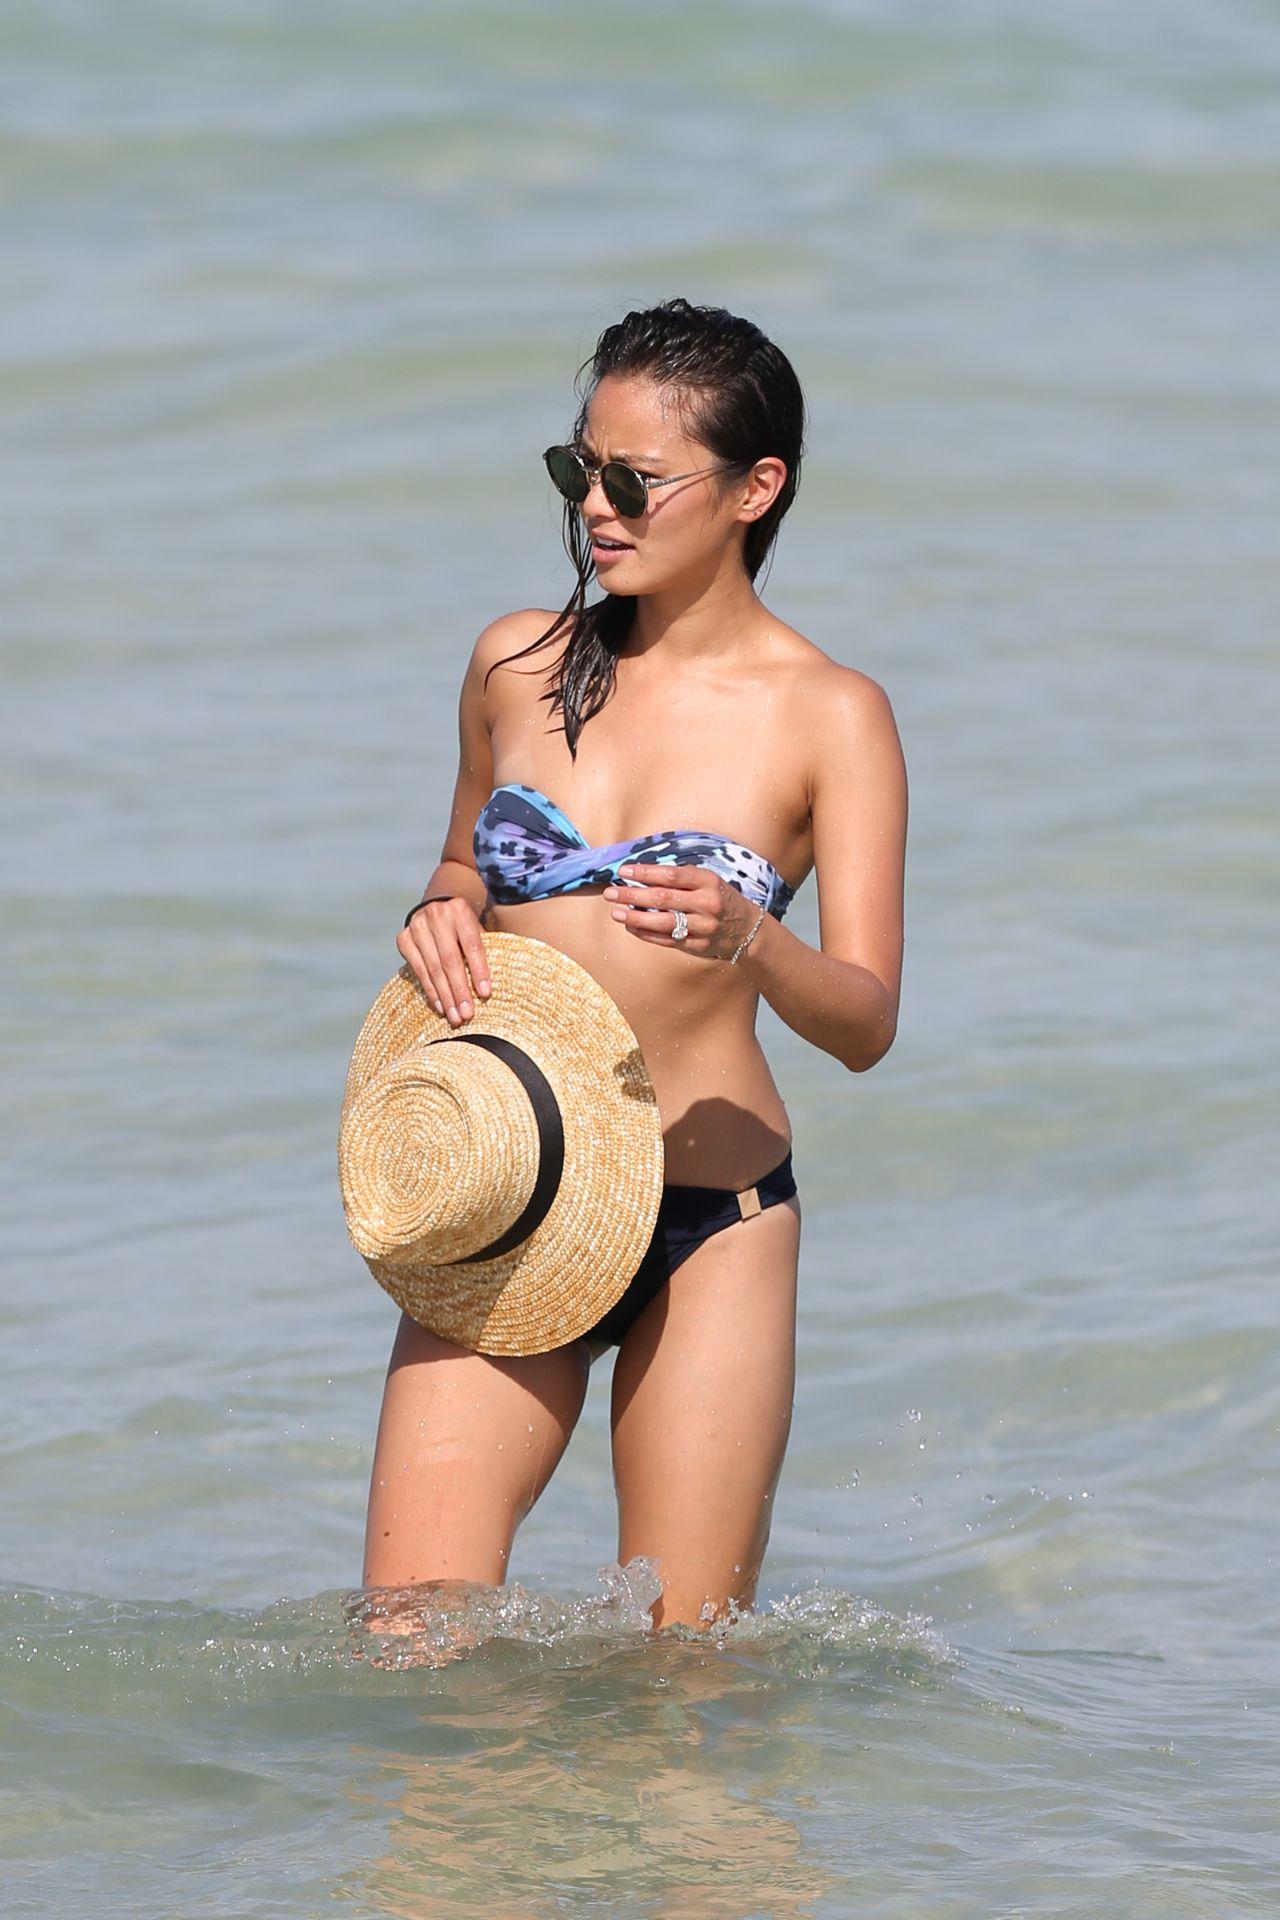 Jamie Chung In Bikini On The Beach In Miami Fl 8 5 2016